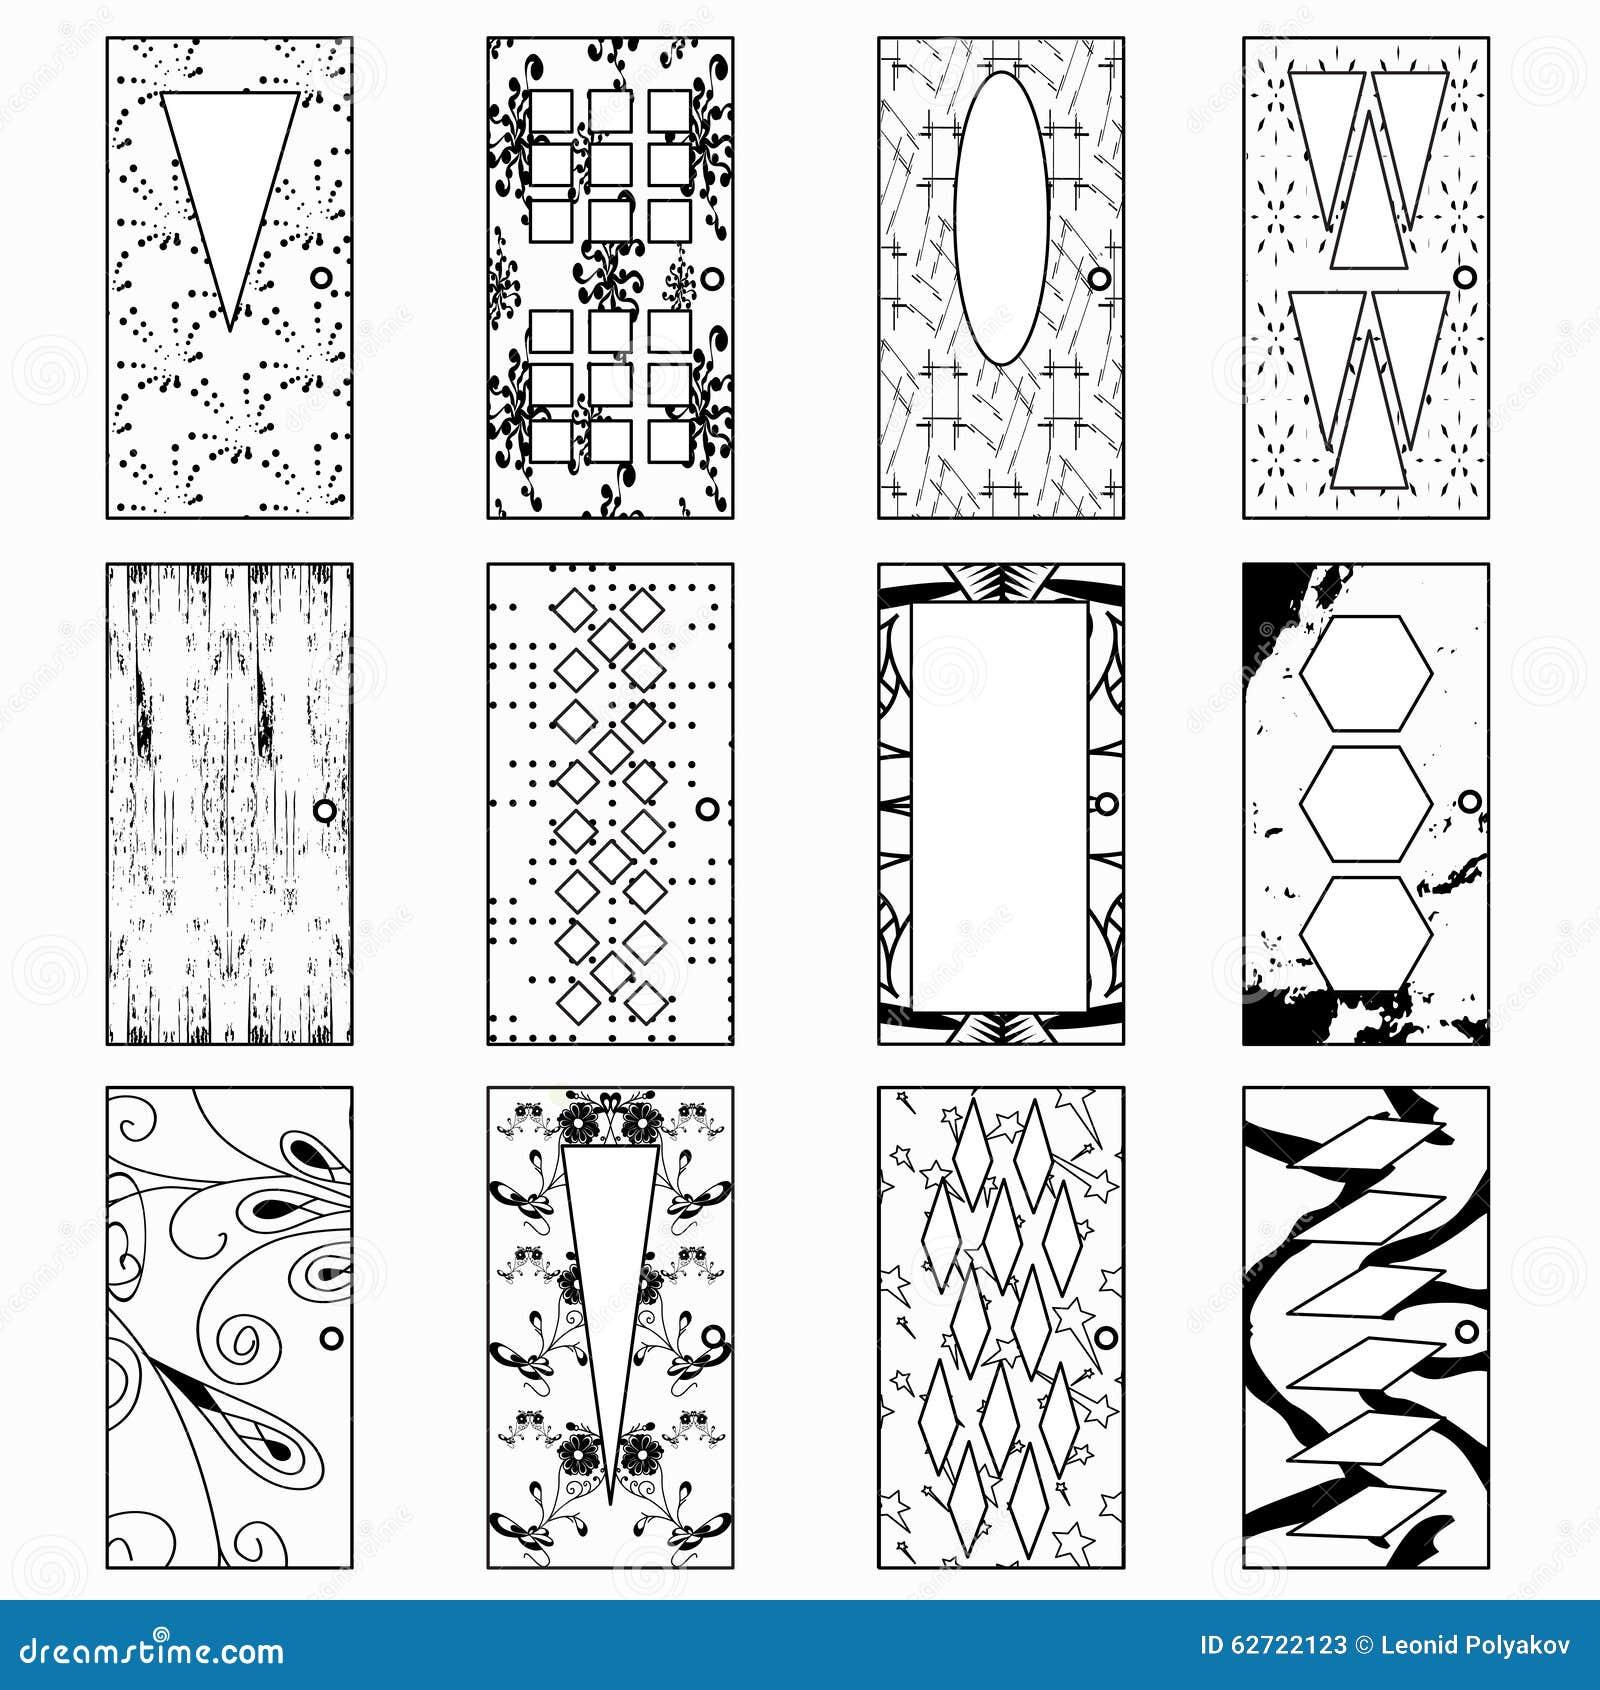 Πόρτες, μονοχρωματική διανυσματική απεικόνιση μιας συλλογής των συμβόλων